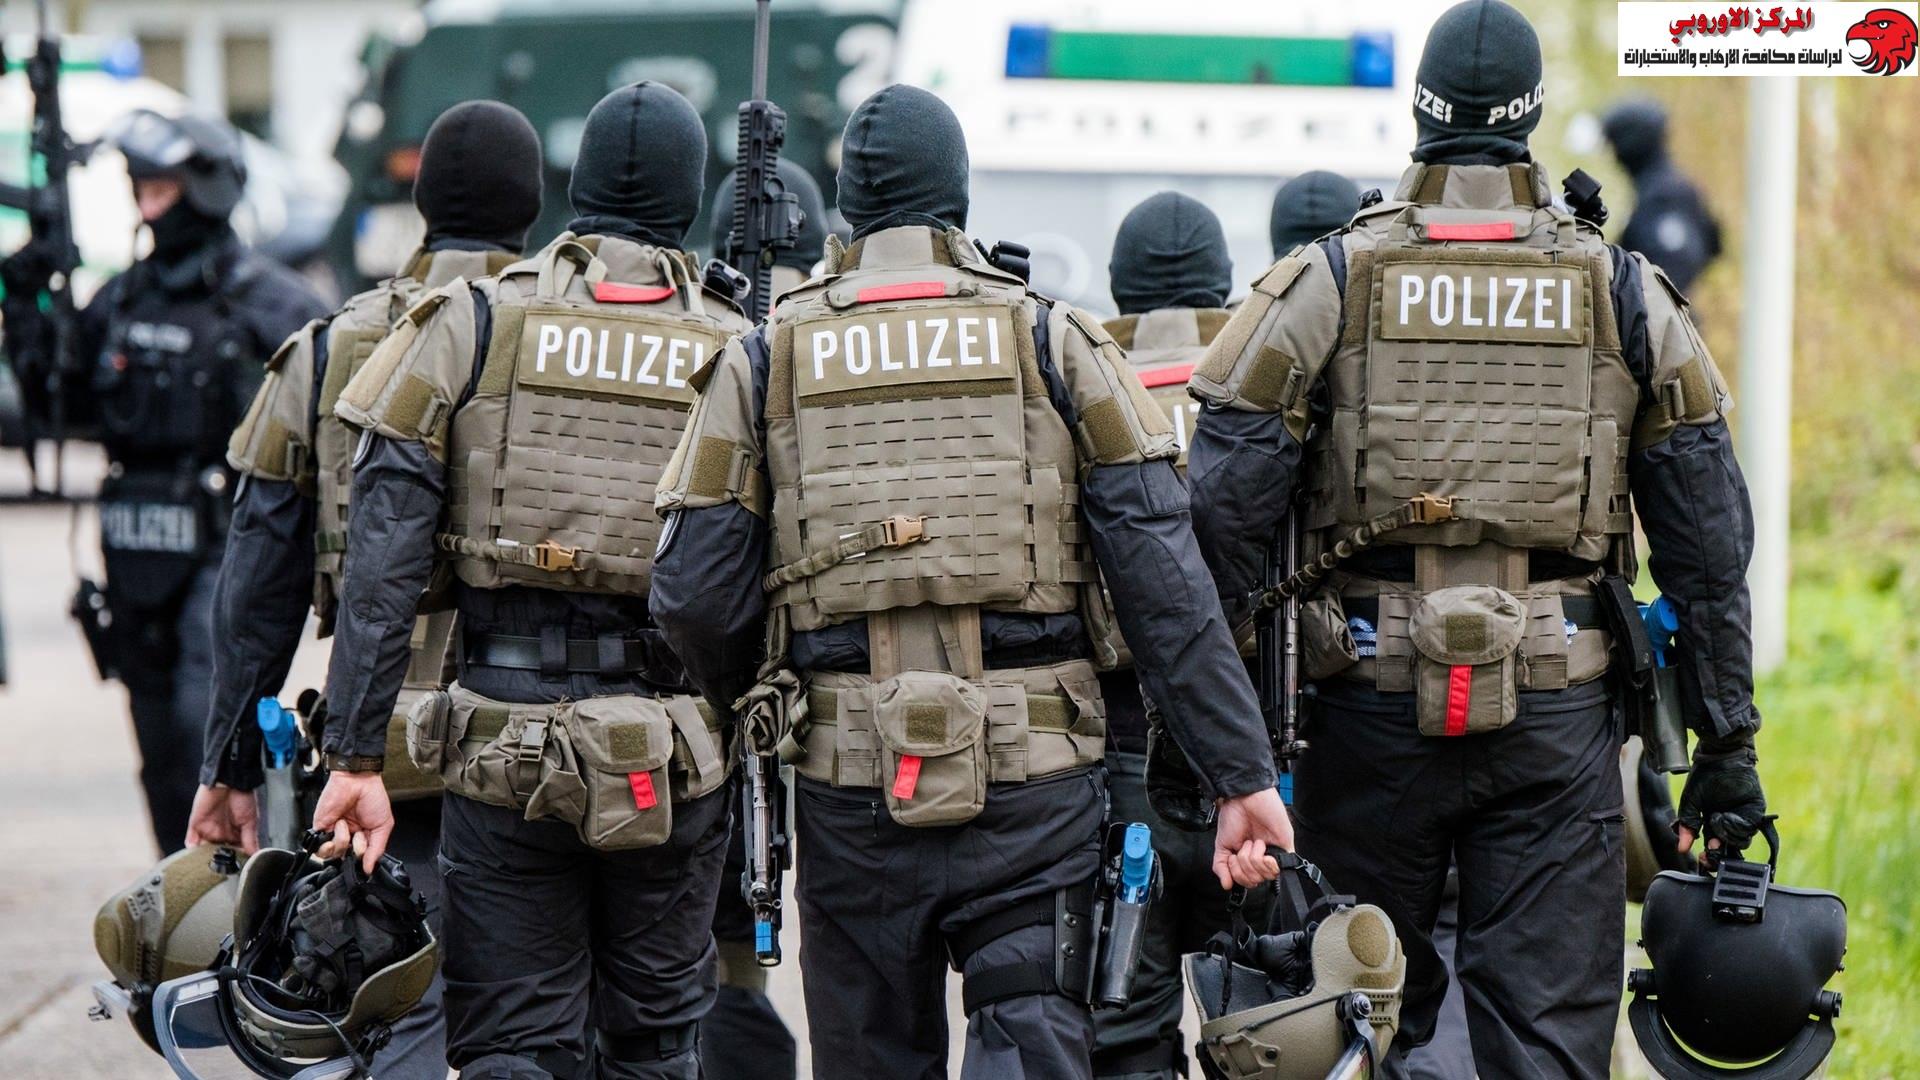 شكل الإرهاب في أوروبا 2018 … العمليات الاستباقية لأجهزة الإستخبارات الأوروبية